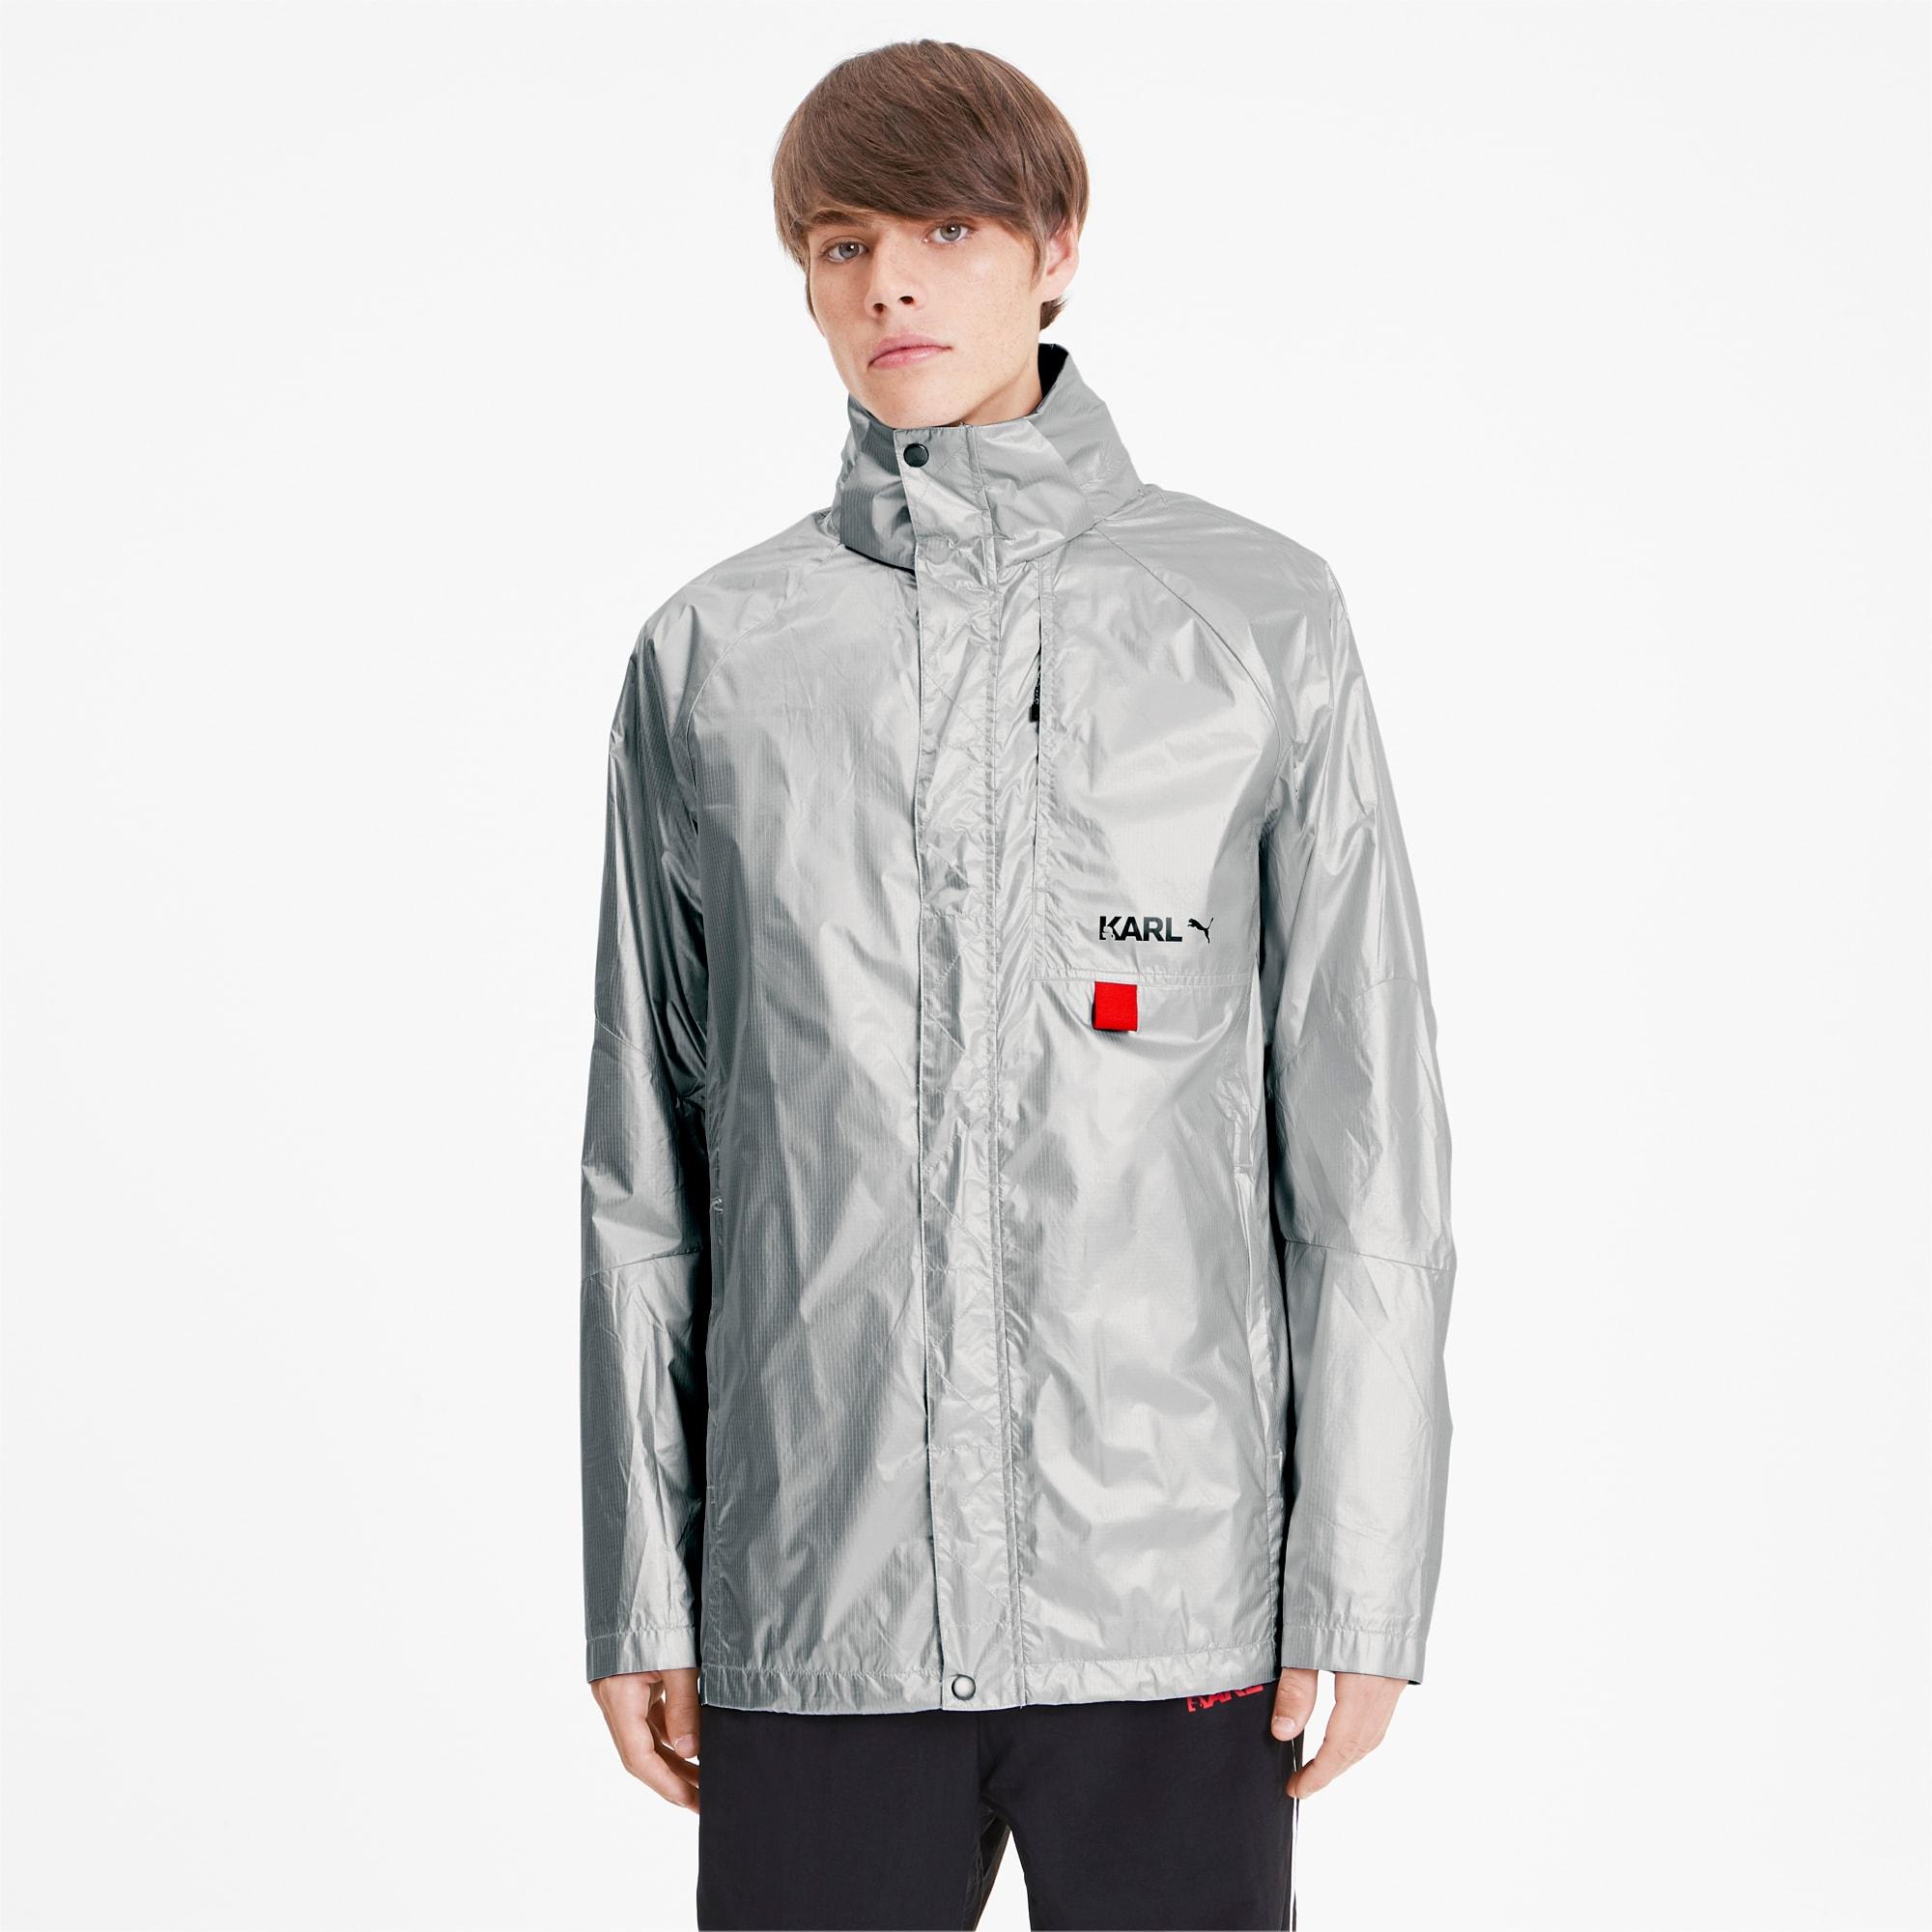 PUMA x KARL LAGERFELD Men's Jacket